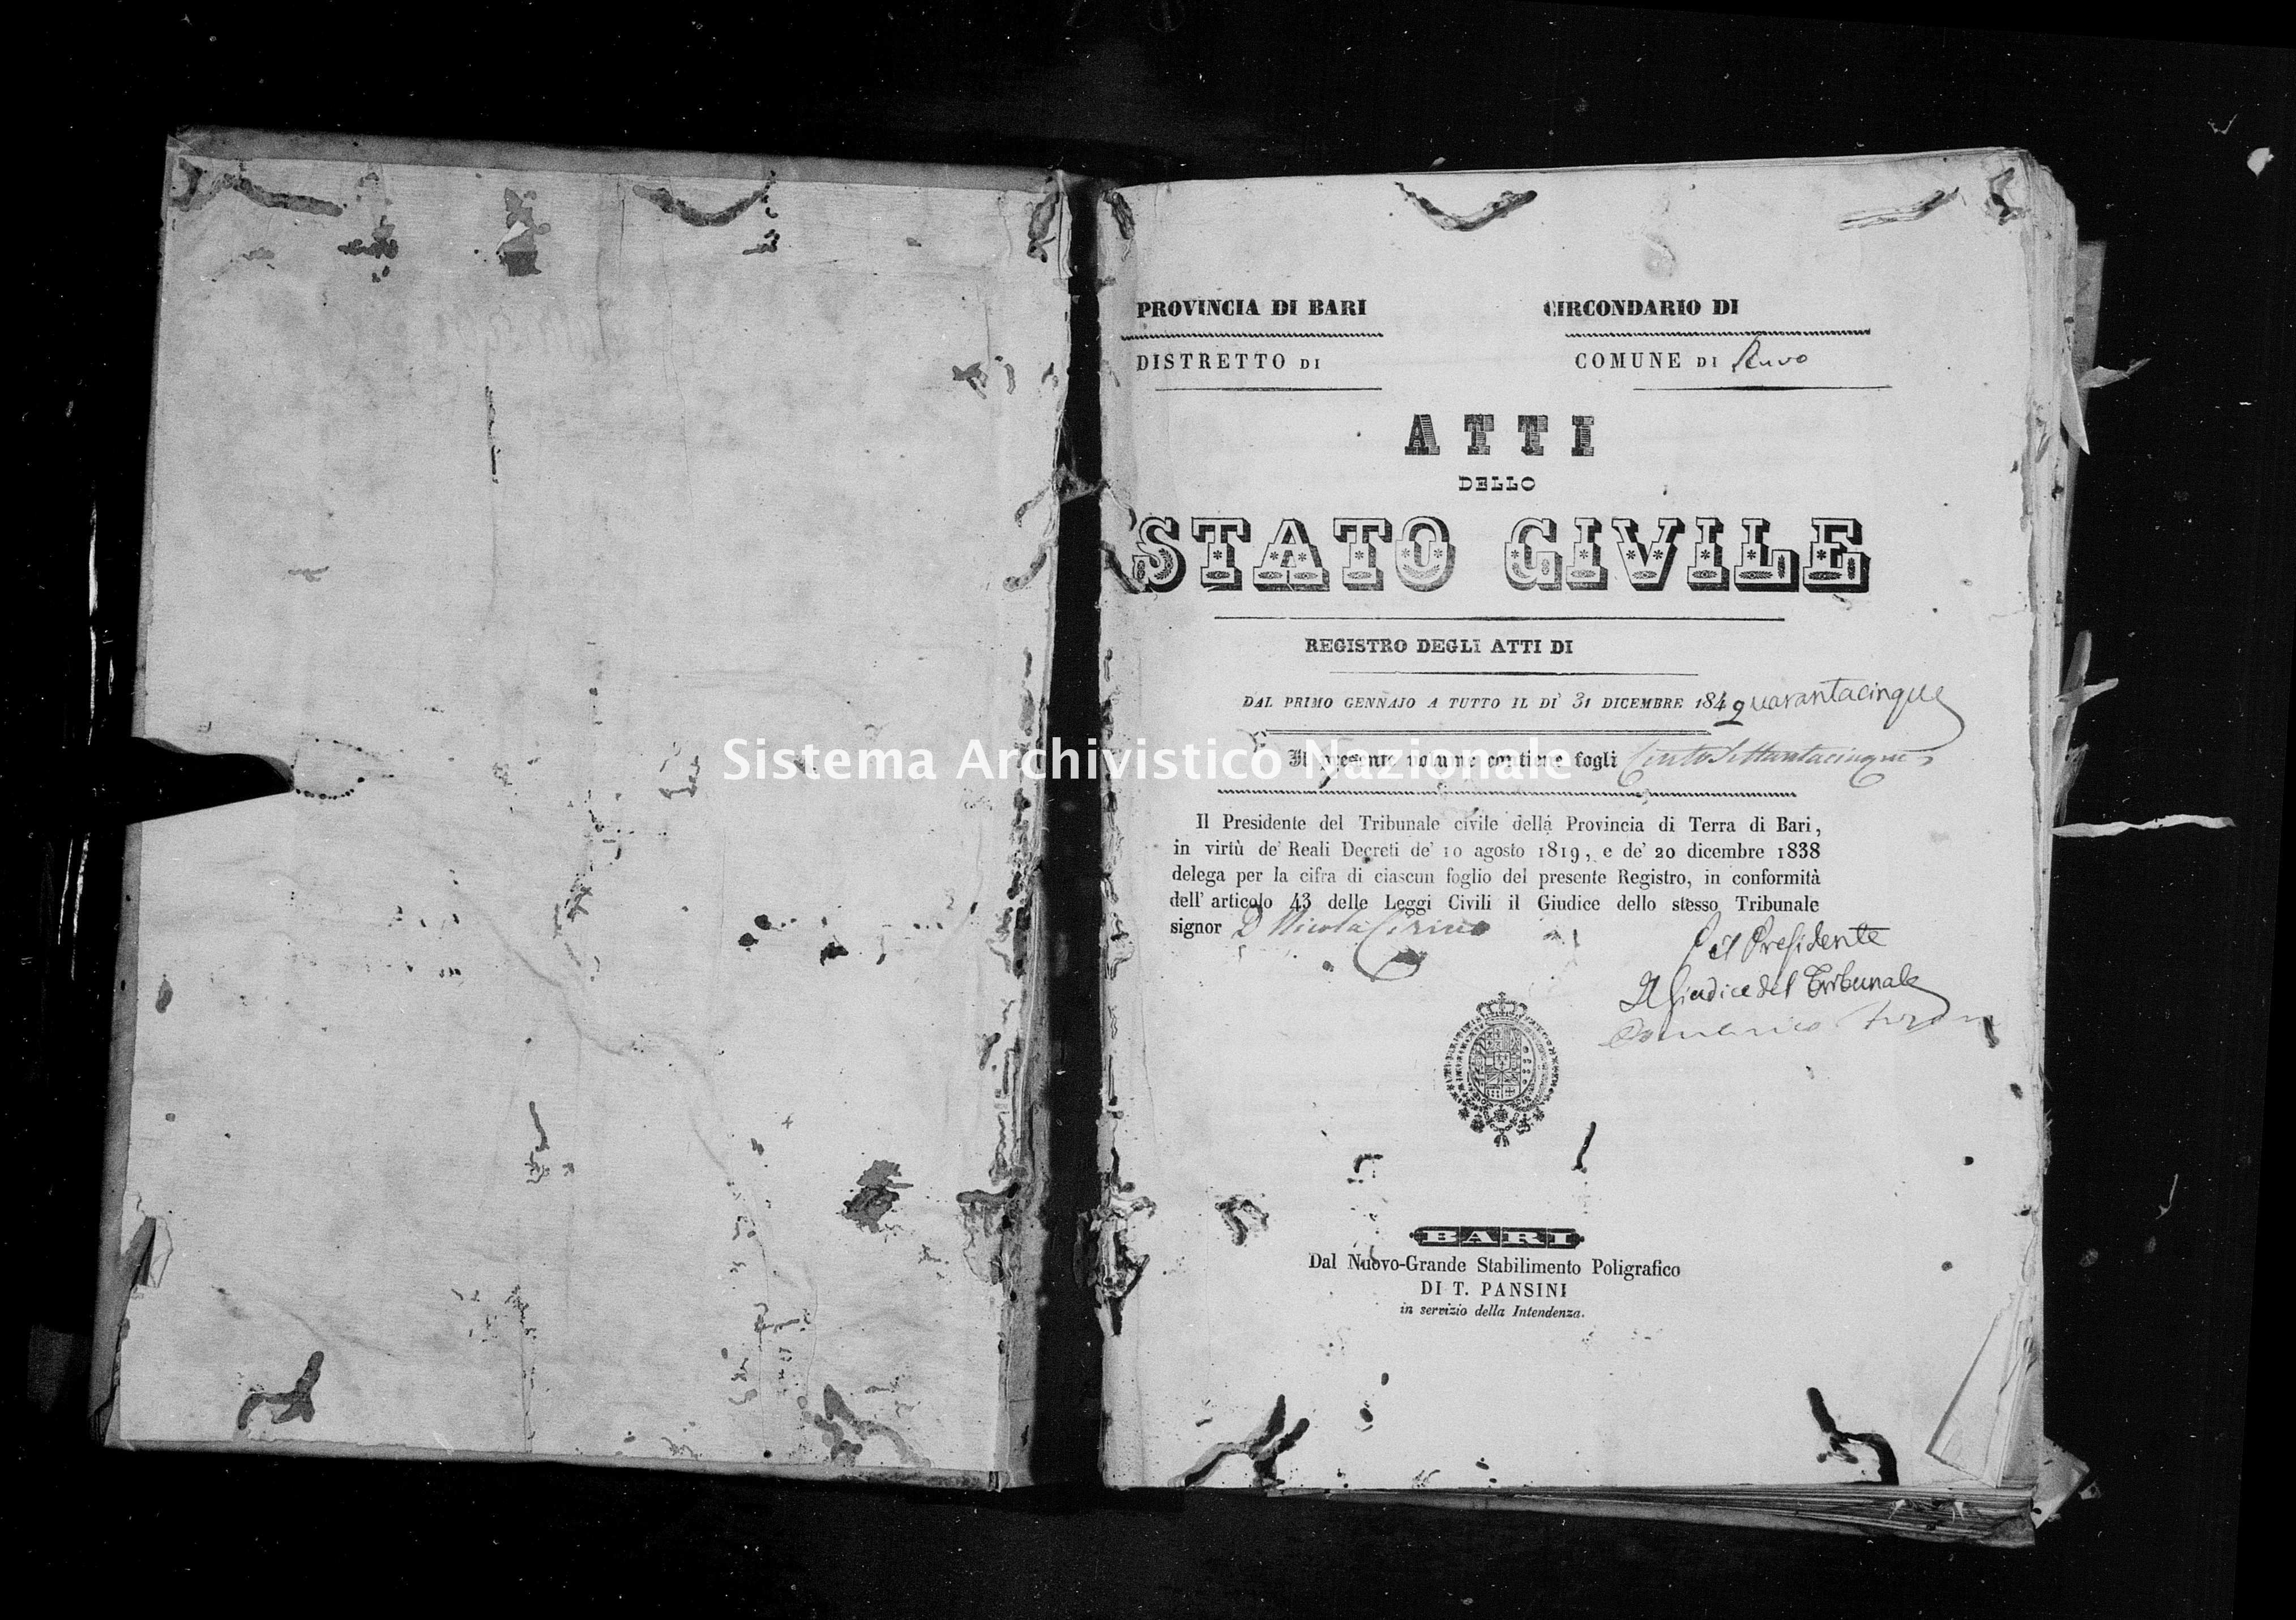 Archivio di stato di Bari - Stato civile della restaurazione - Ruvo - Morti - 1845 -